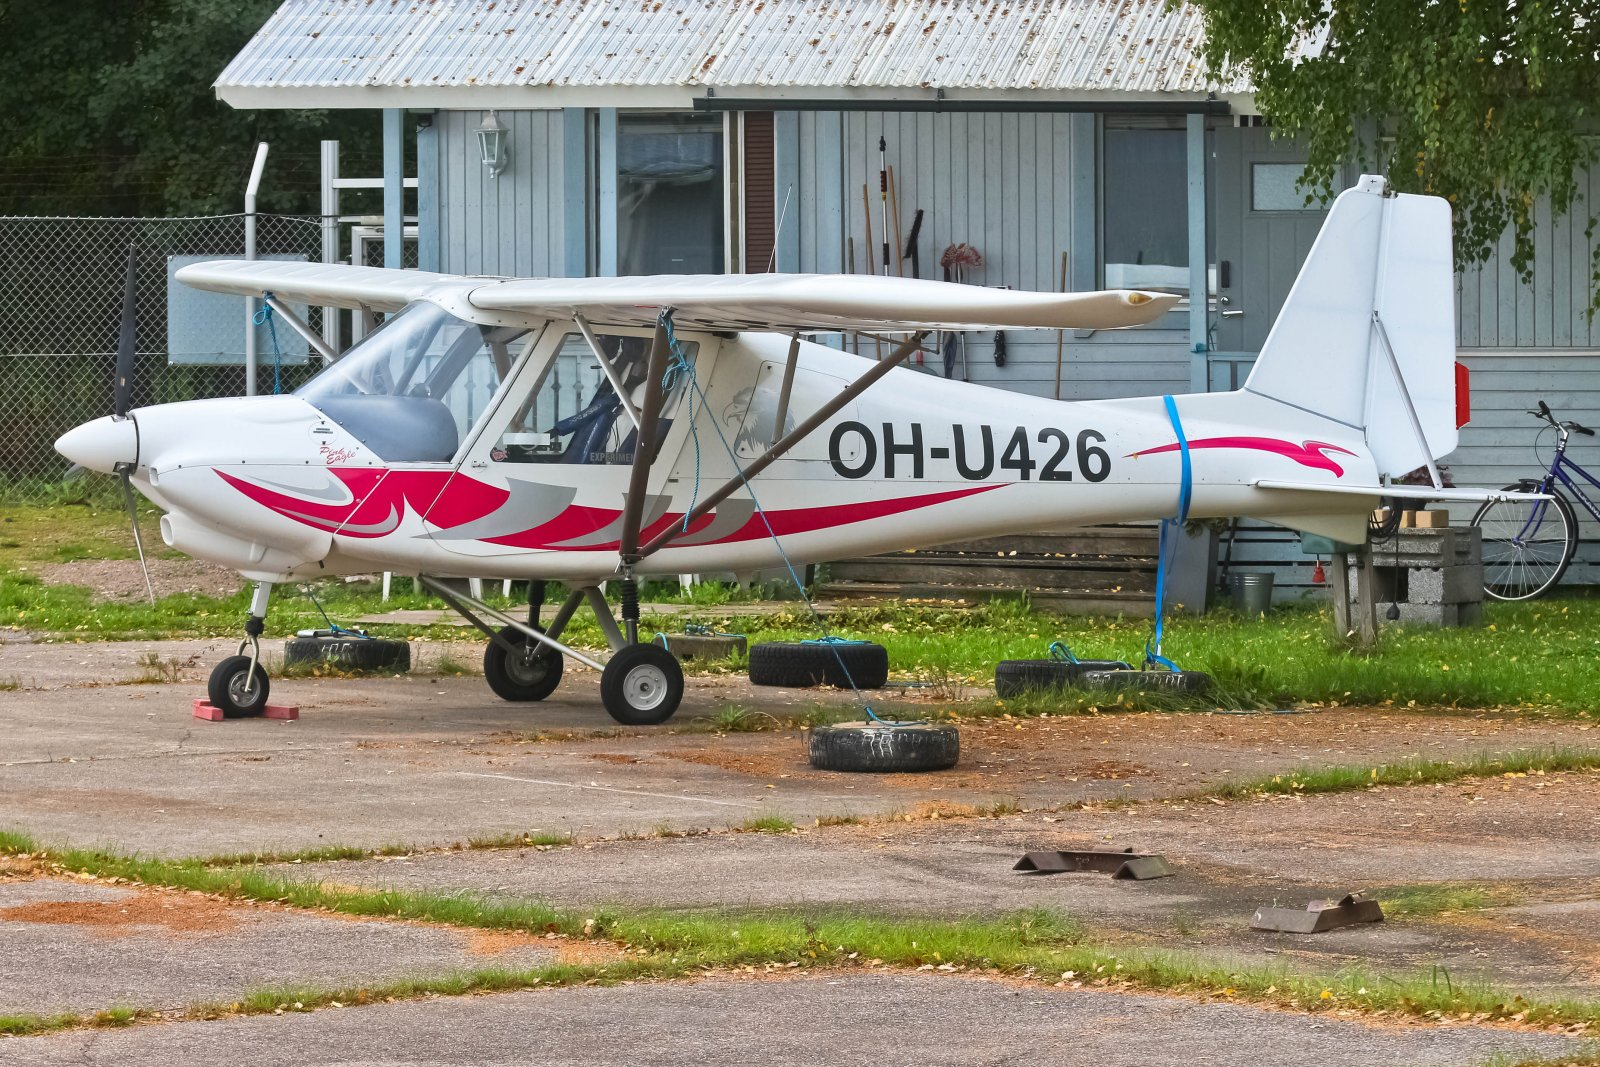 OH-U426 18.09